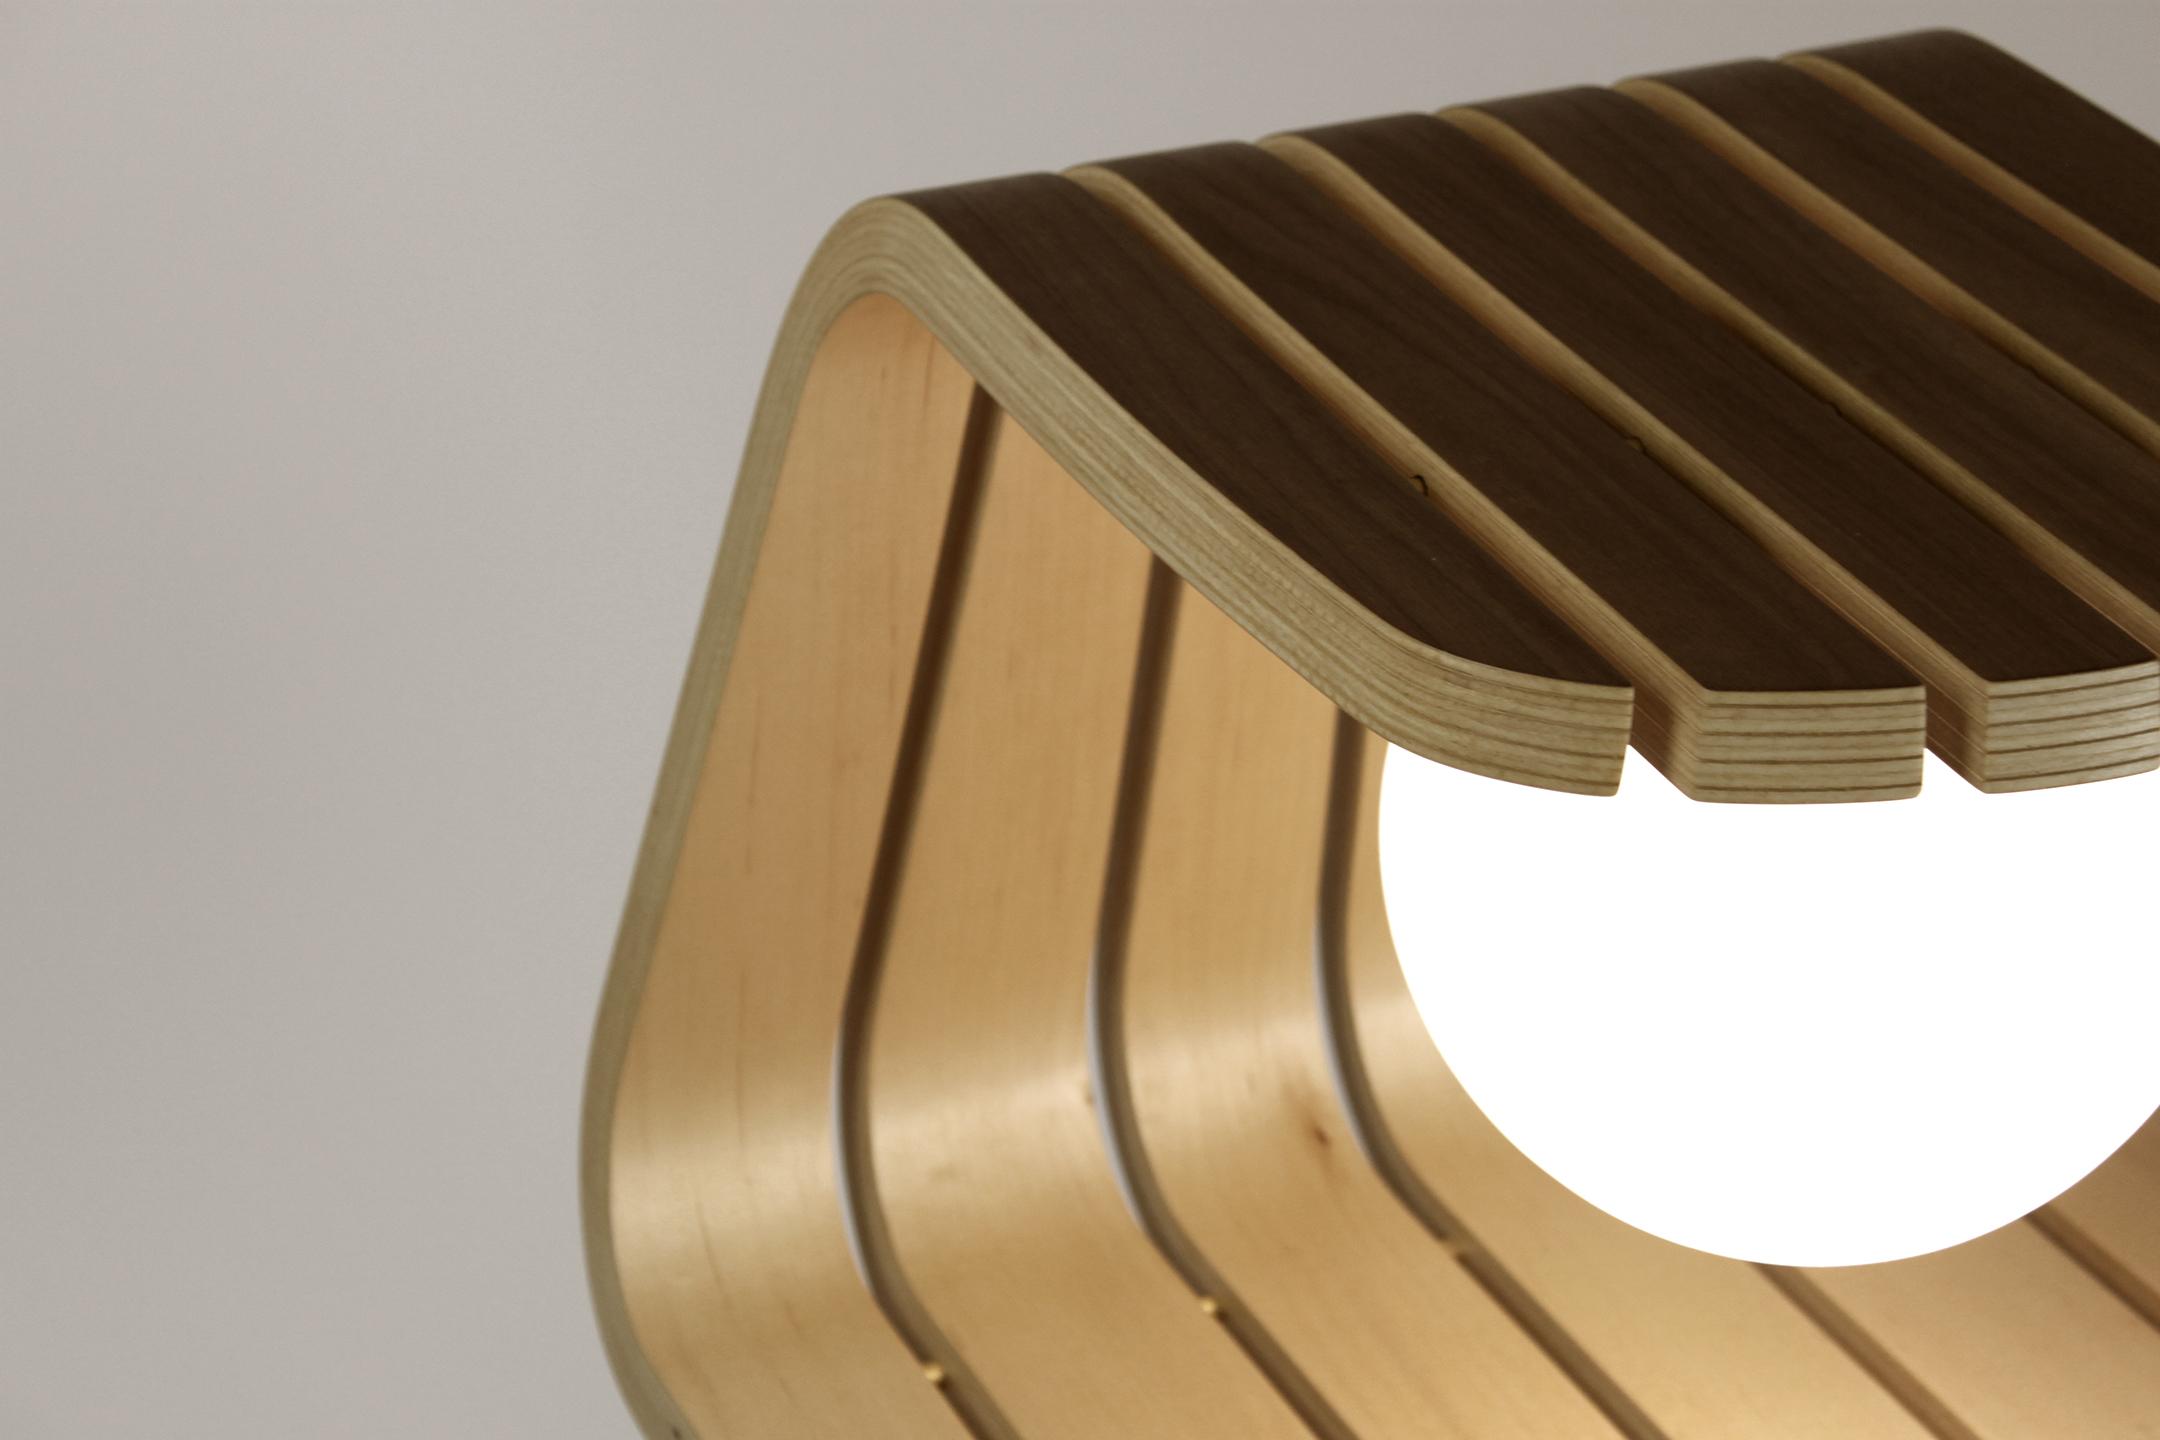 DAWN_table lamp 16_by Dane Saunders.jpg